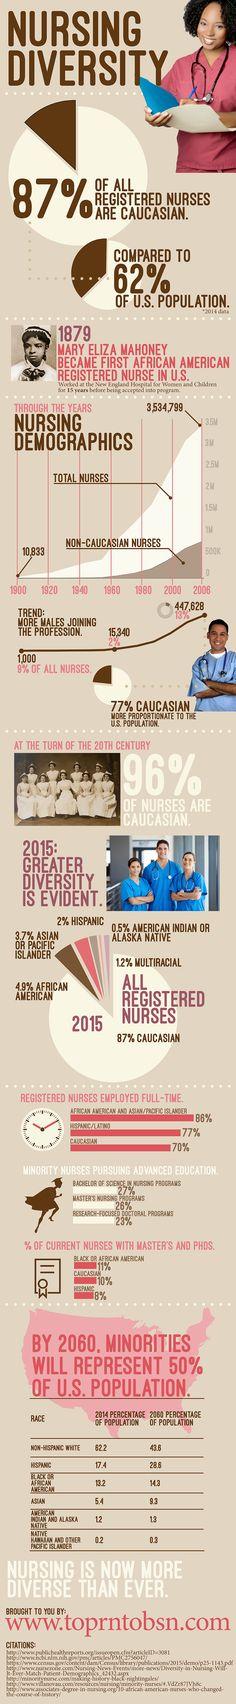 Nursing Diversity http://www.toprntobsn.com/nursing-diversity/